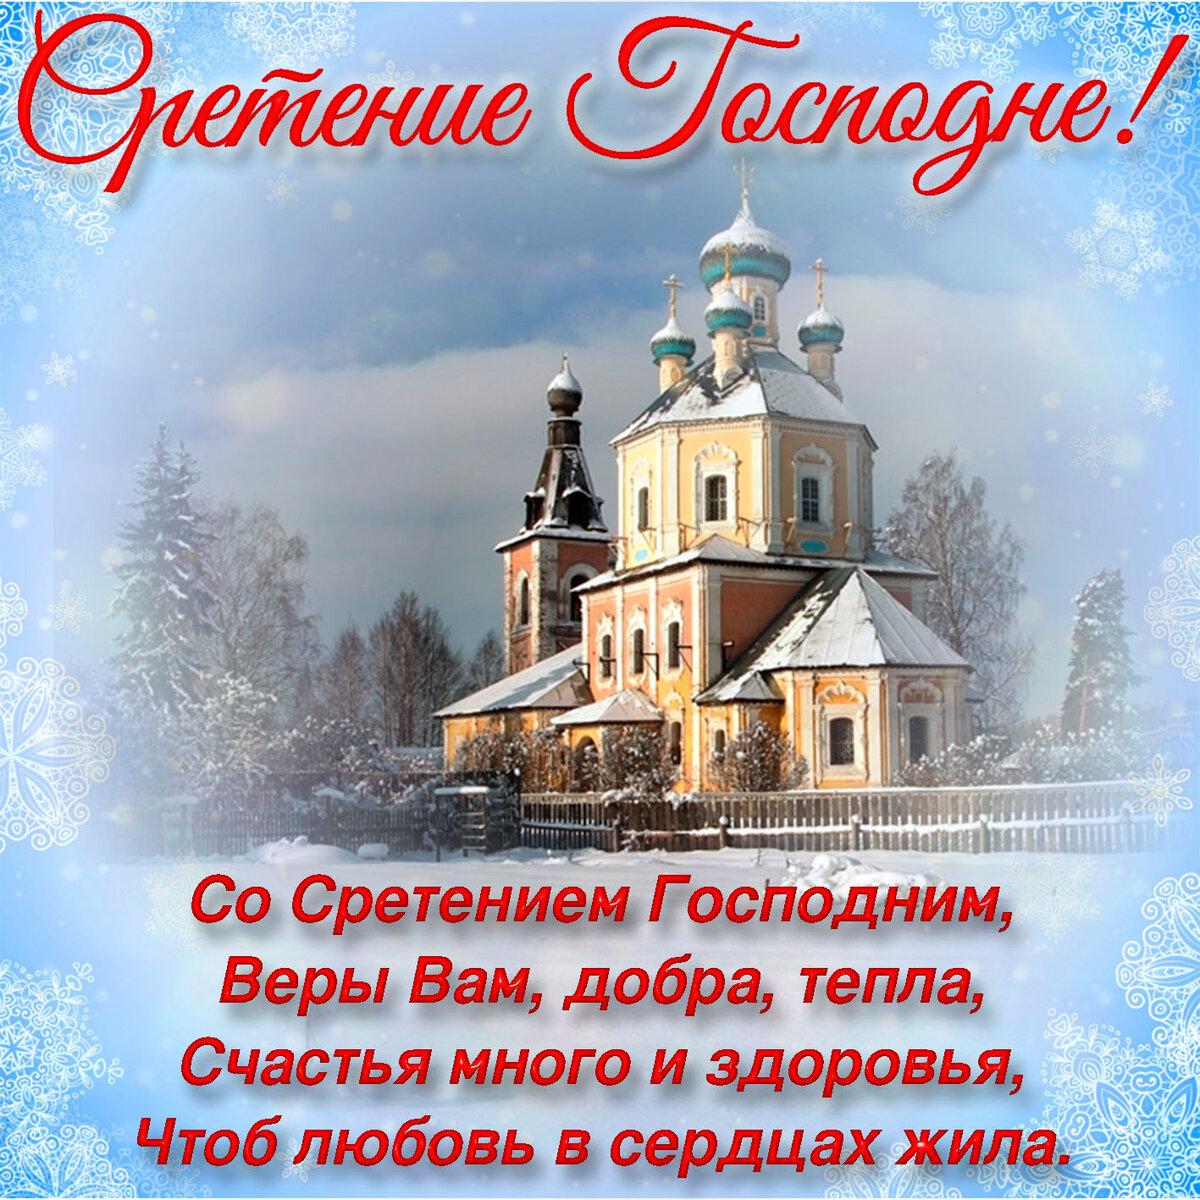 Картинки с поздравлениями православными